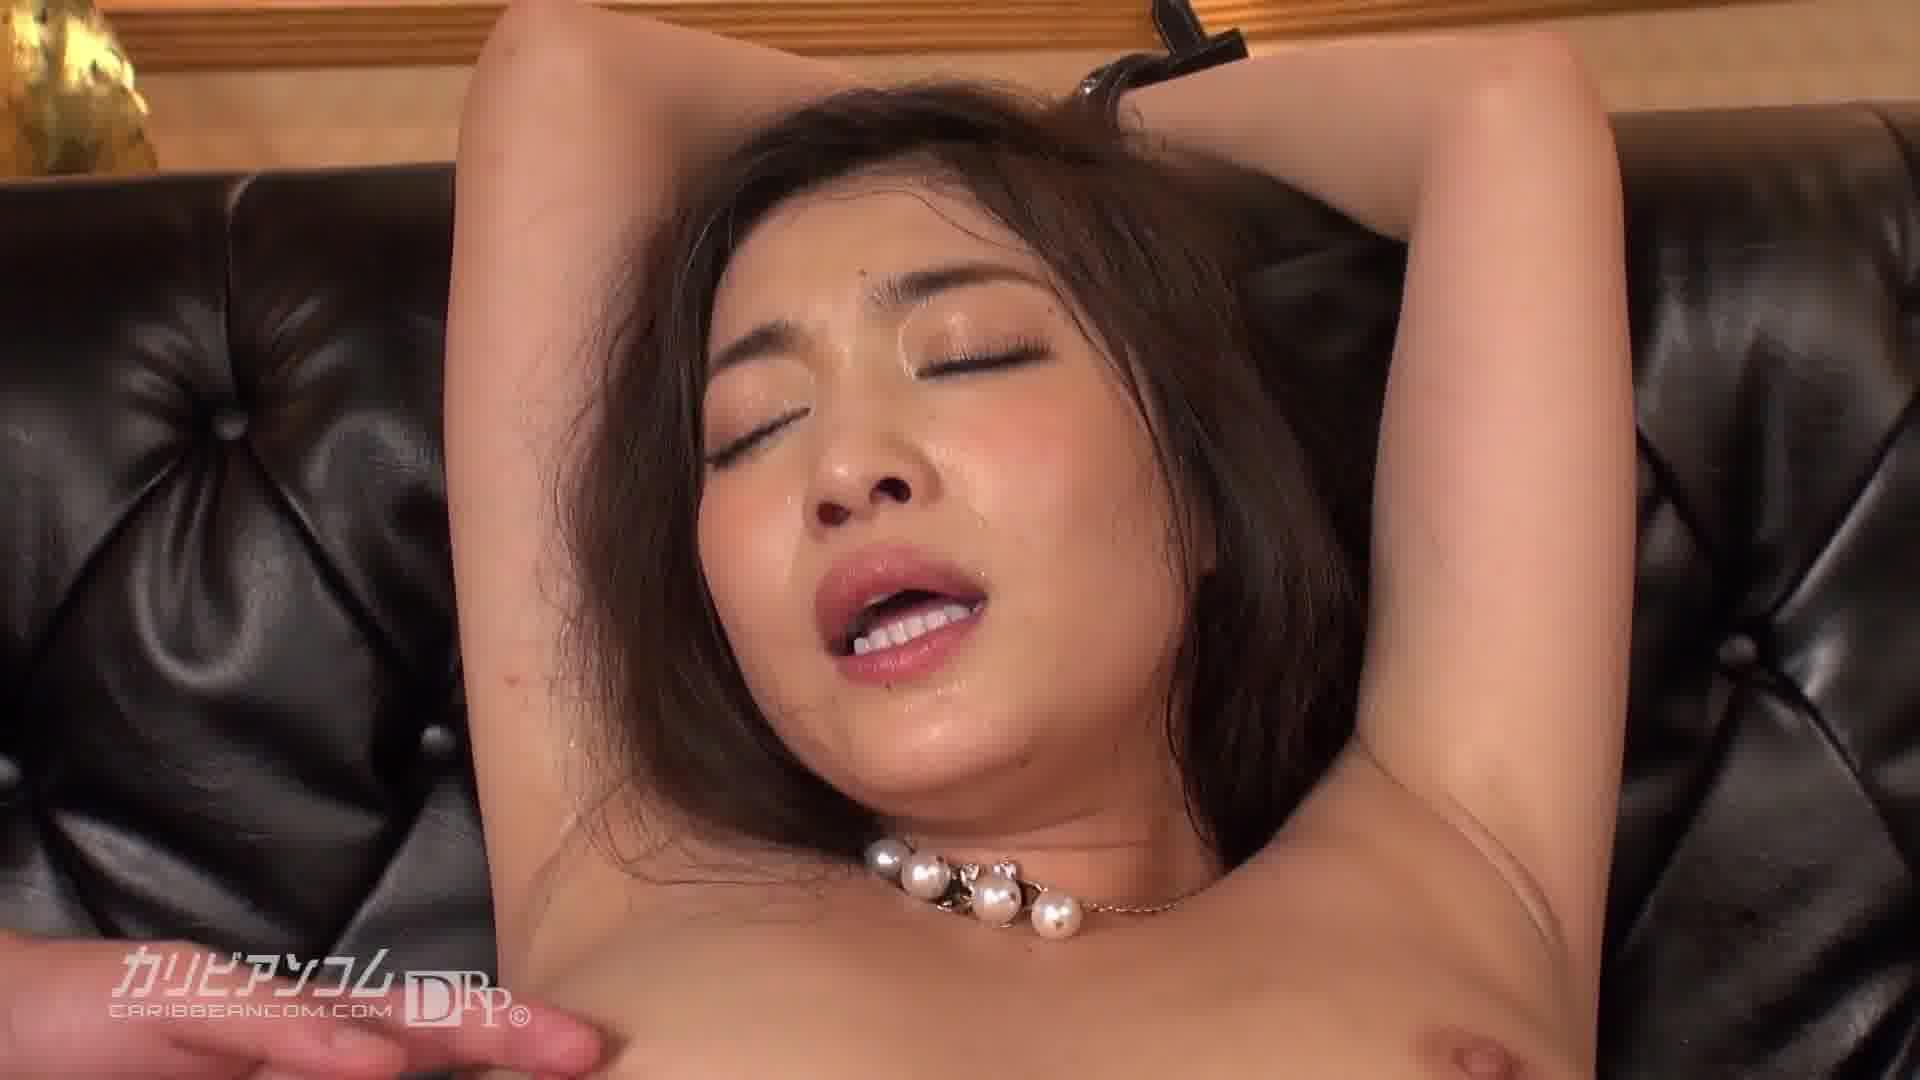 鬼イキトランス12 - 江波りゅう【痴女・ぶっかけ・ハード系】